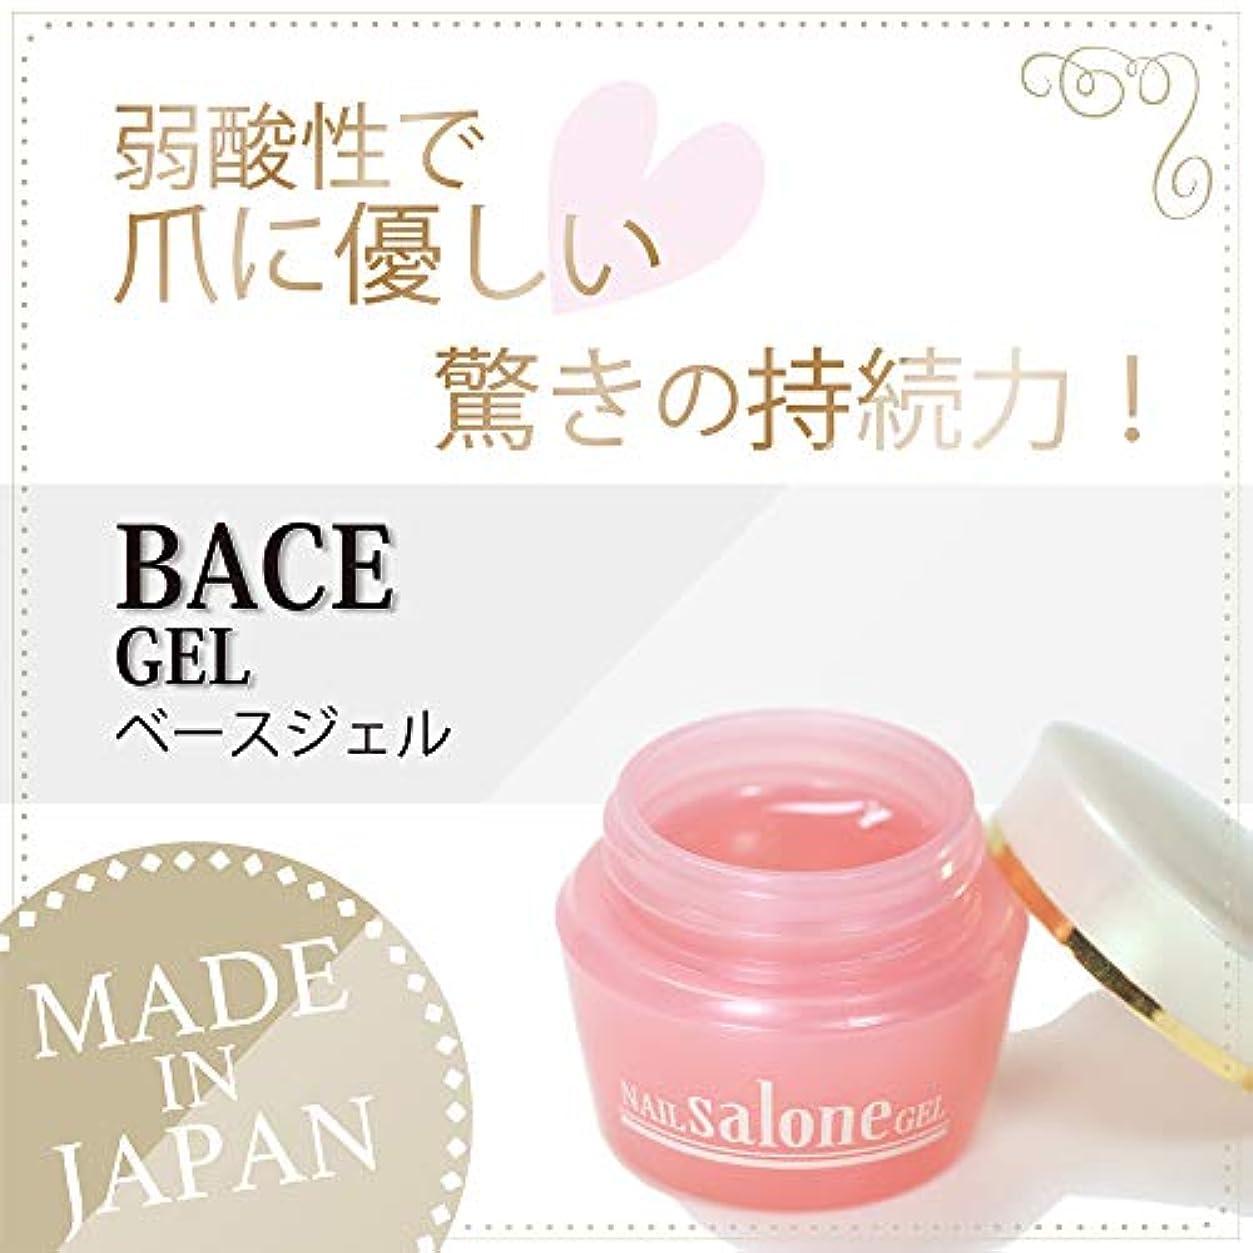 表面道に迷いました背骨Salone gel サローネ ベースジェル 爪に優しい 日本製 驚きの密着力 リムーバーでオフも簡単3g